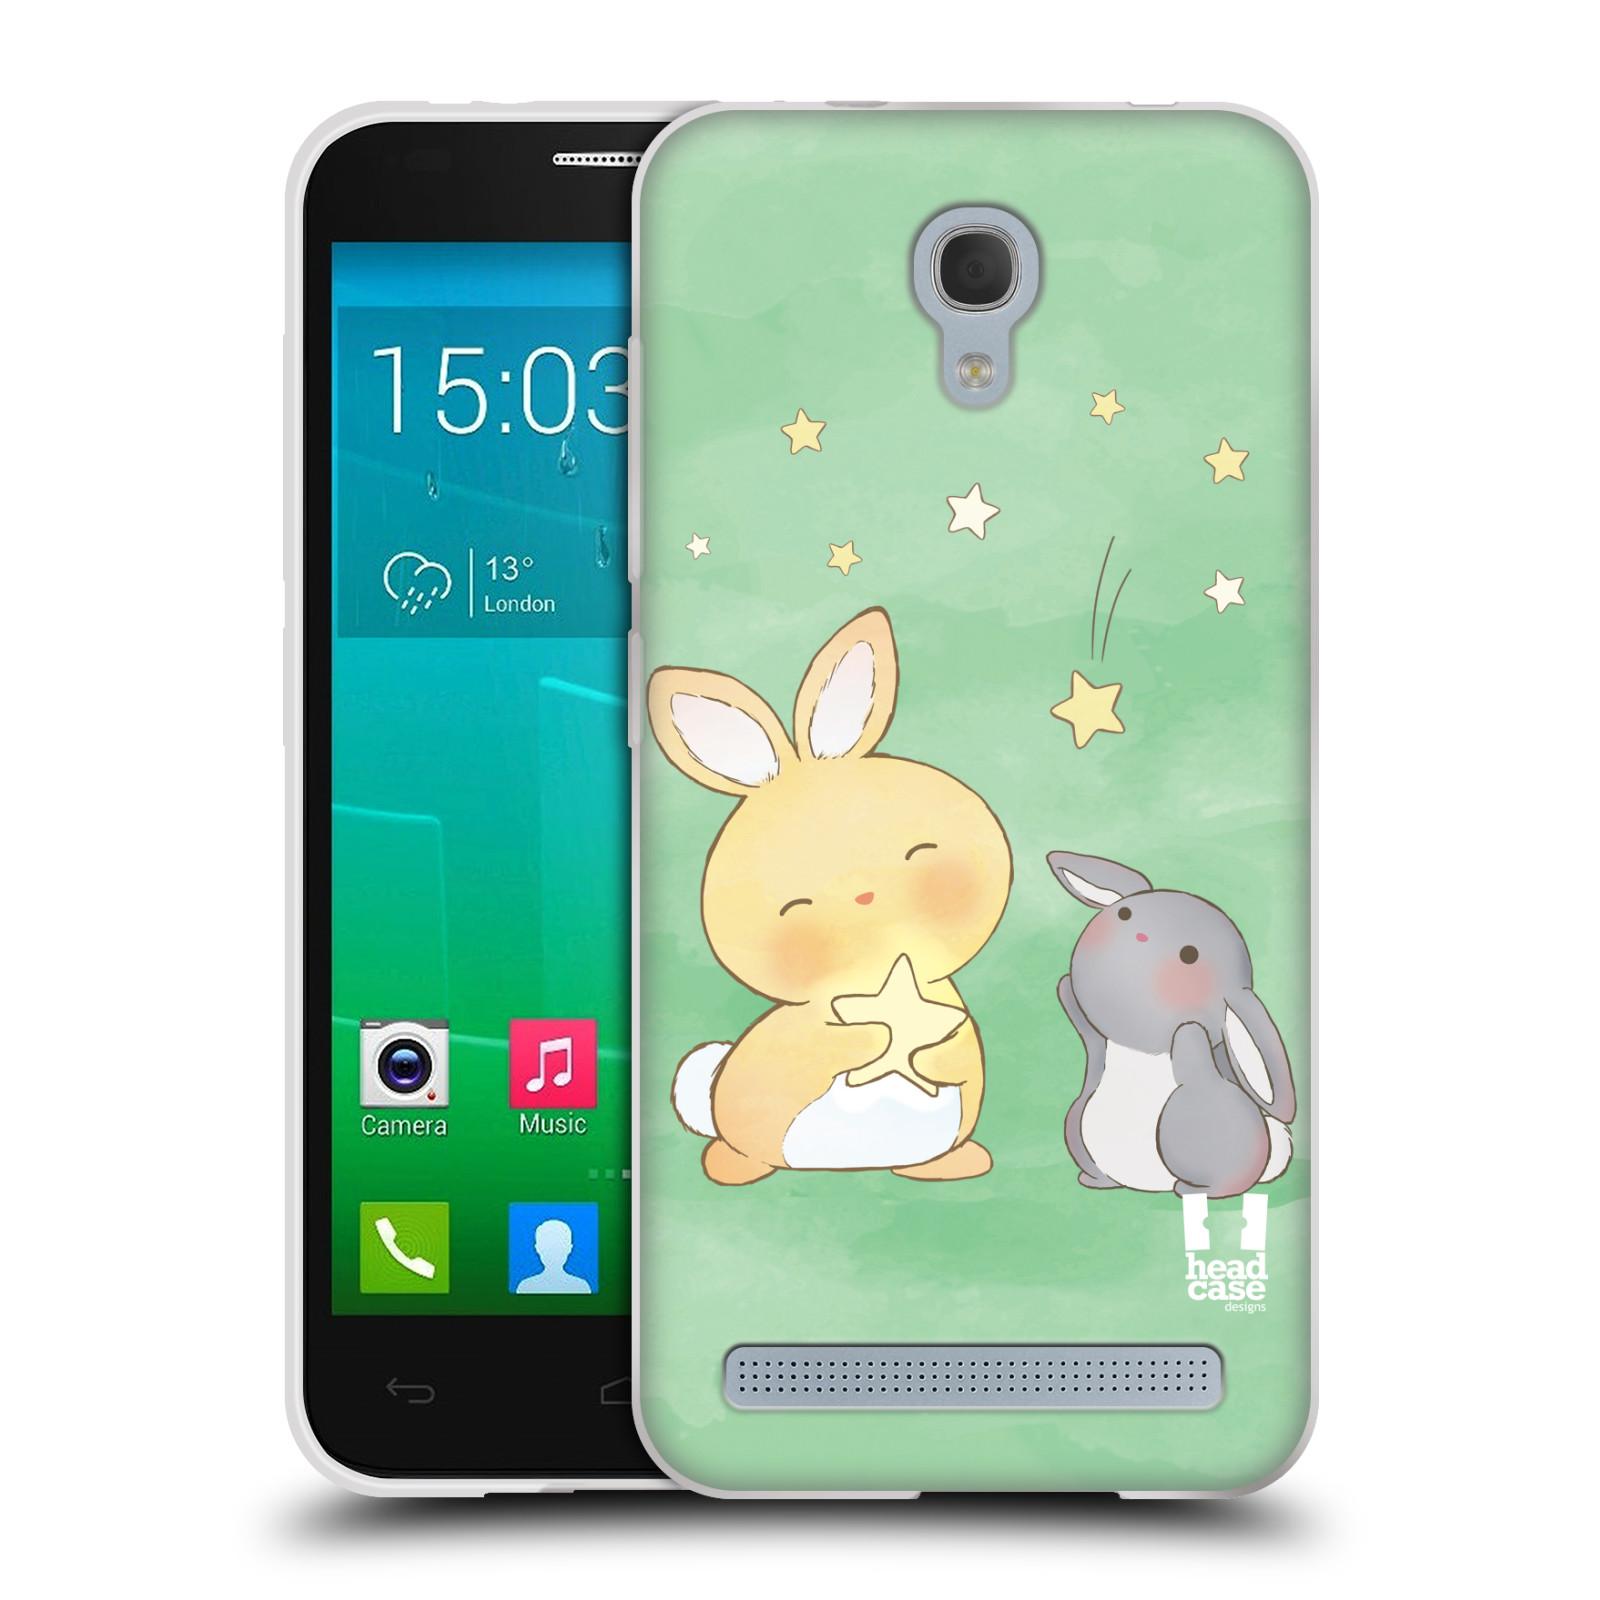 HEAD CASE silikonový obal na mobil Alcatel Idol 2 MINI S 6036Y vzor králíček a hvězdy zelená